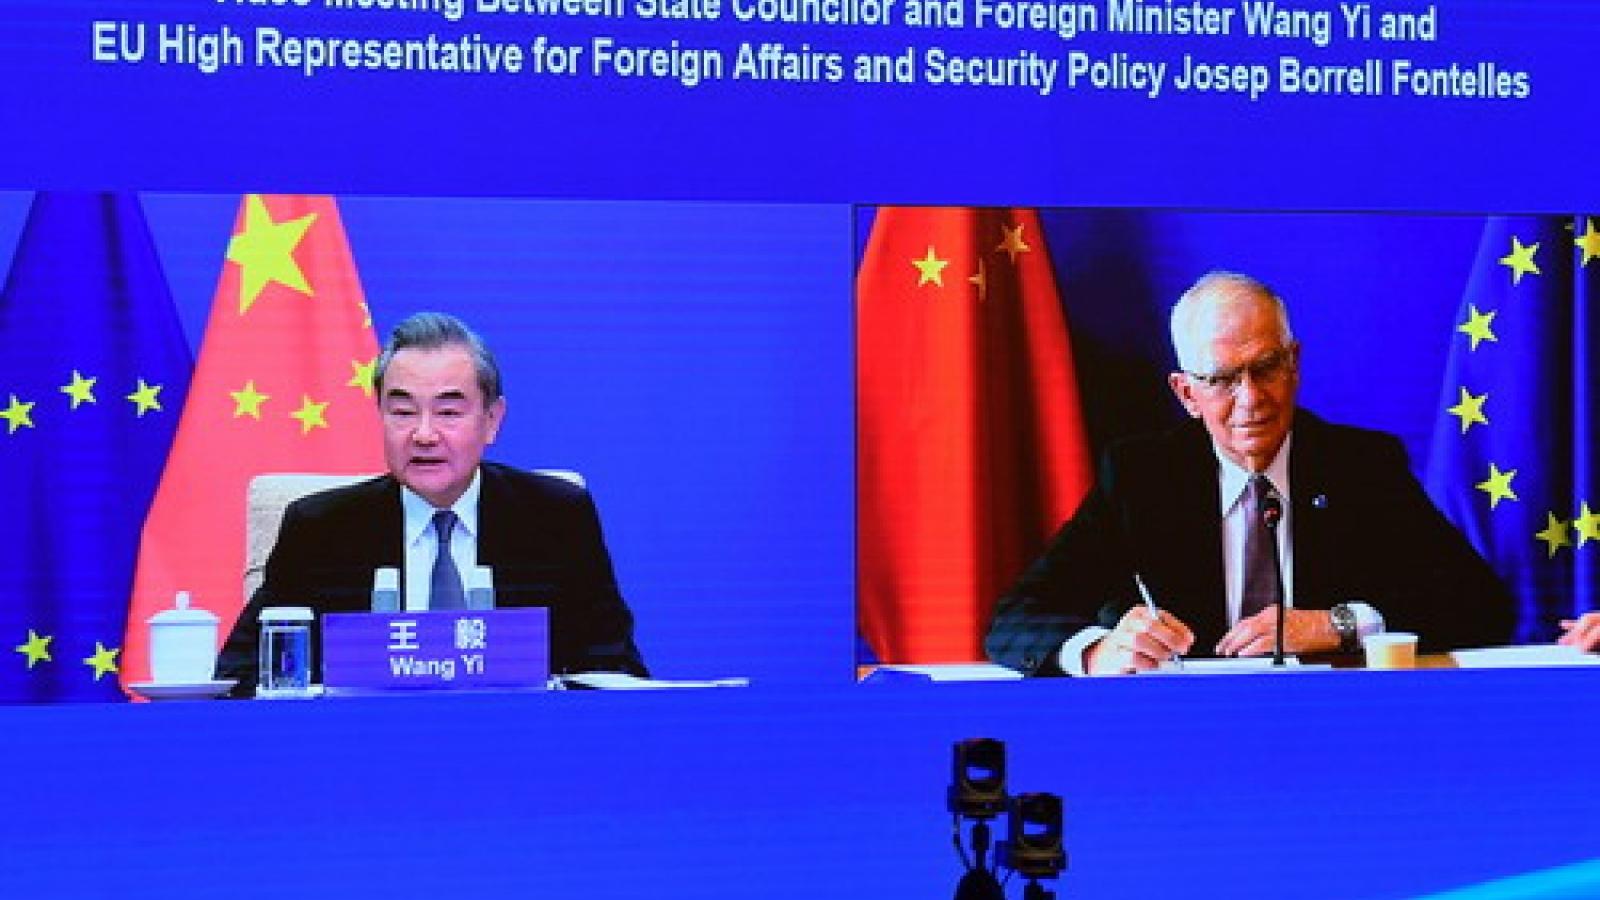 """Trung Quốc kêu gọi EU gạt bỏ mọi sự """"can nhiễu"""" để tiến lên phía trước"""